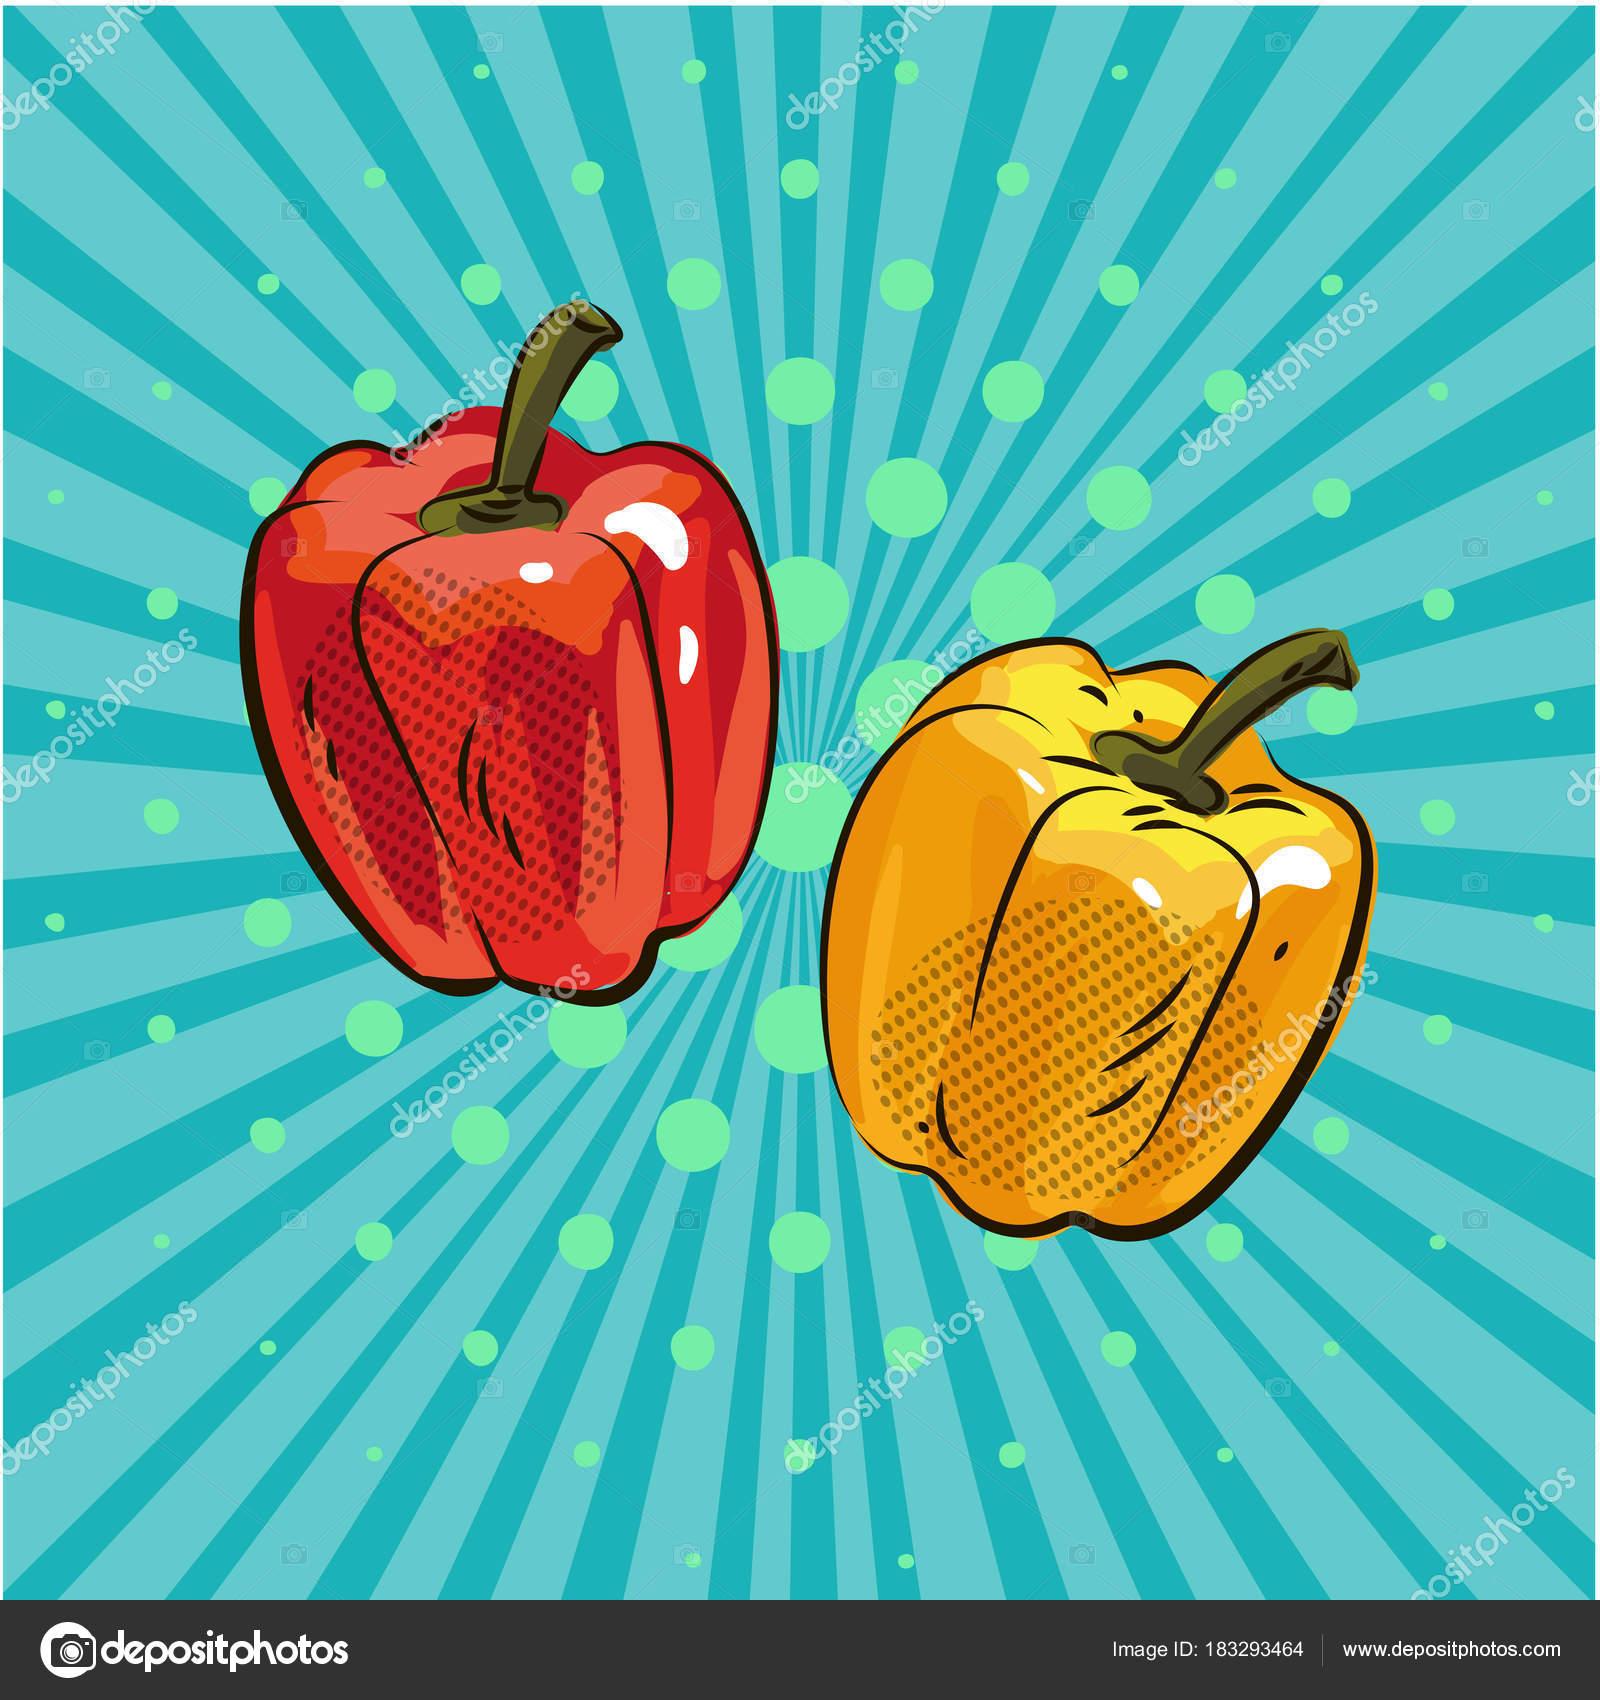 Coloriage Paprika Dessin Anime.Poivre Paprika Pop Art Style Comique Main Cartoon Dessine Eco Dot